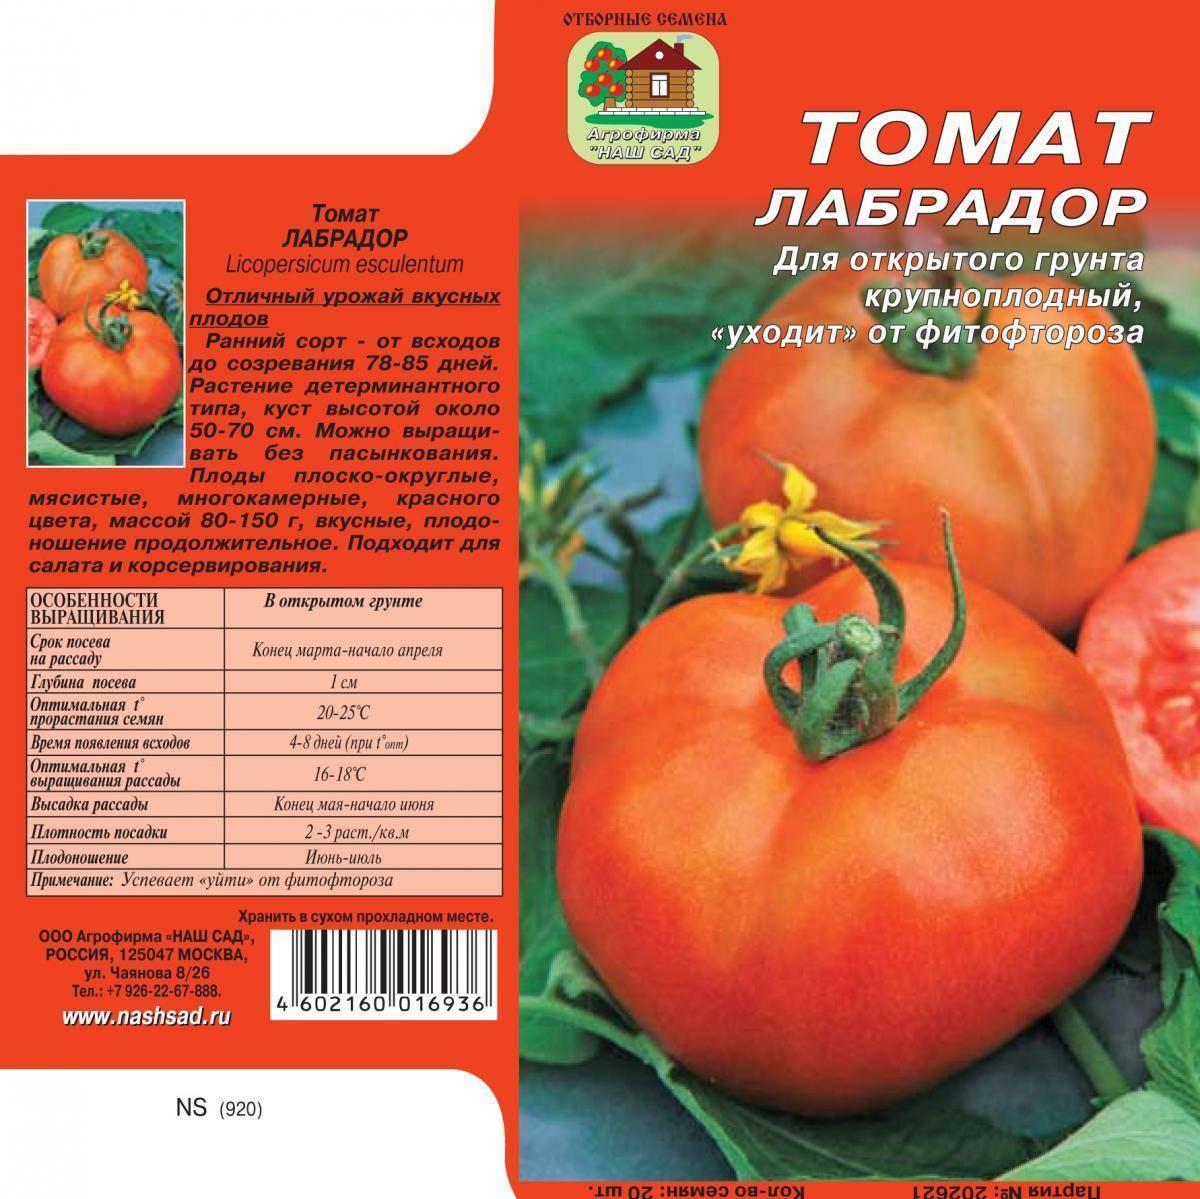 Томат лабрадор: характеристика и описание сорта, отзывы